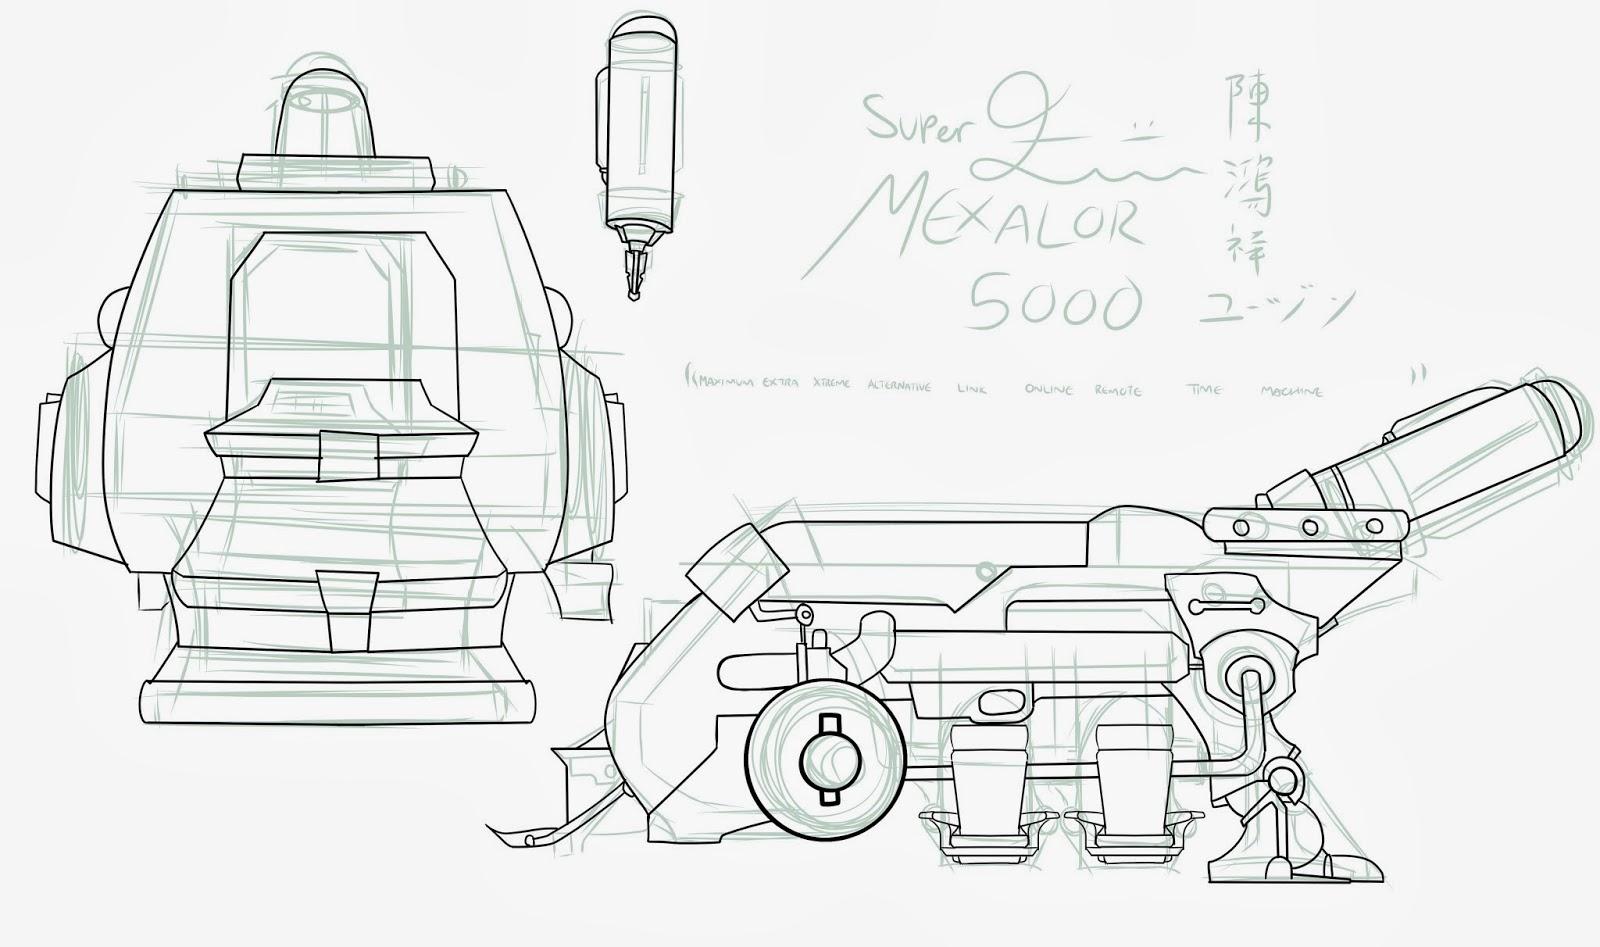 Super M E X A L O R The Time Machine